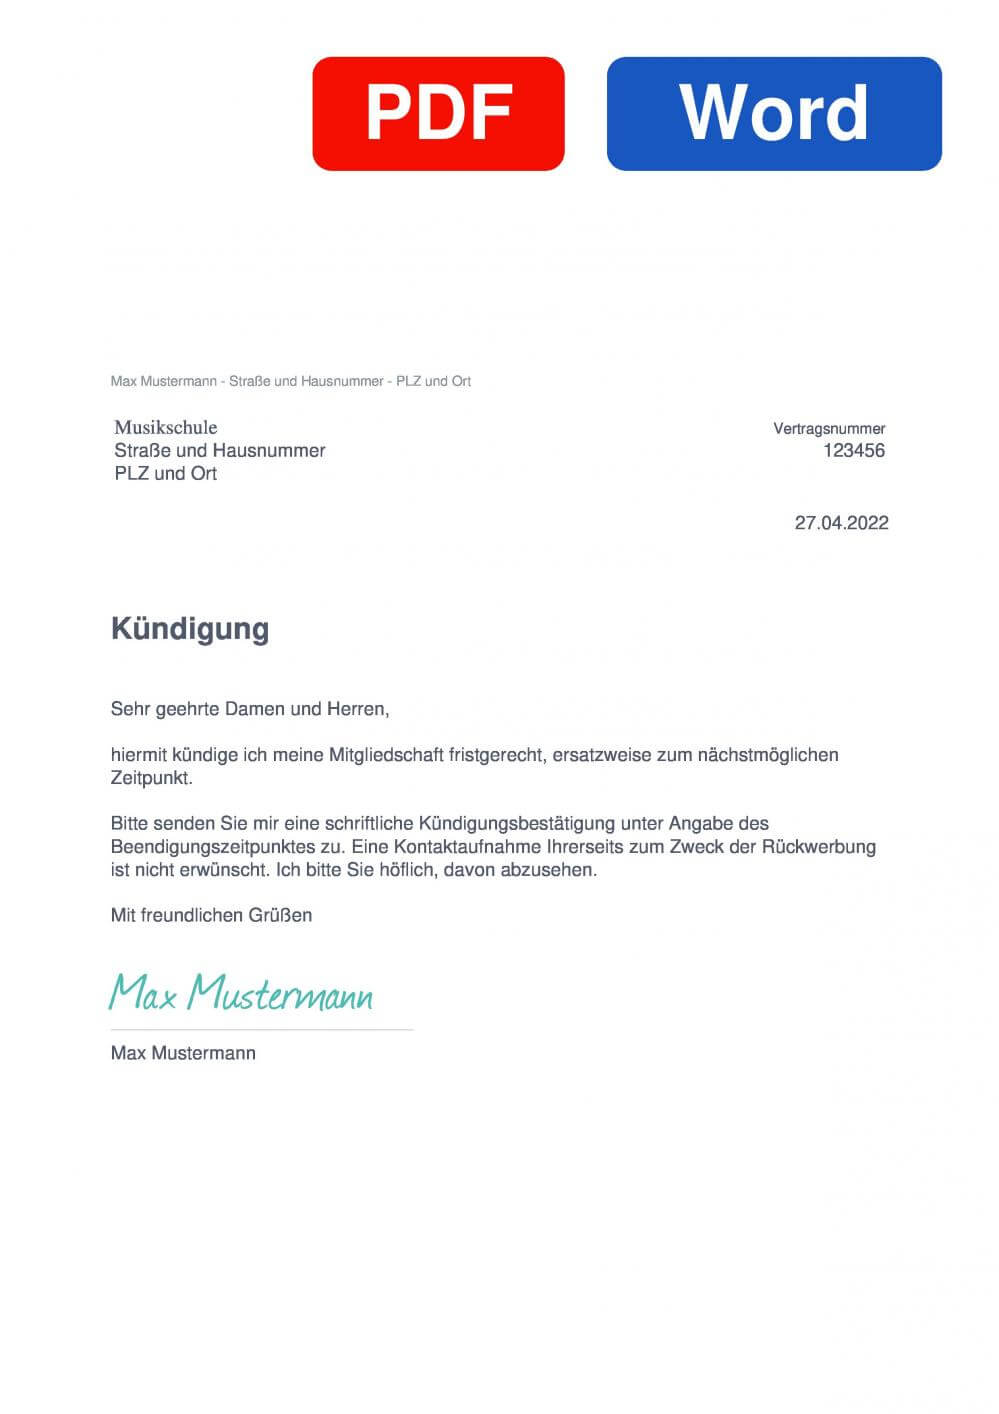 Musikschule Muster Vorlage für Kündigungsschreiben